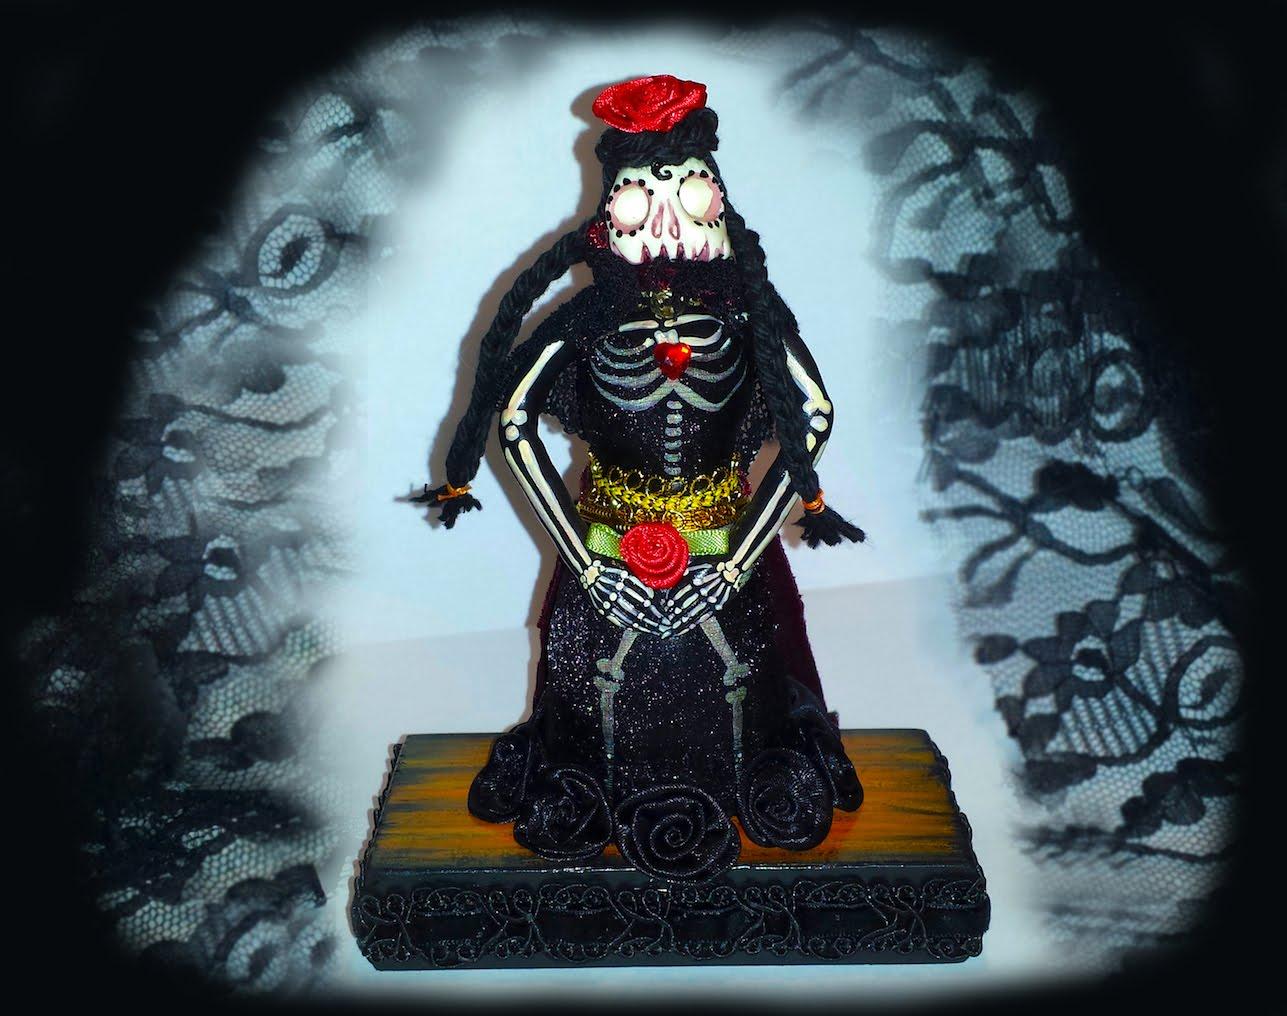 La Madame de La Morte - Santa Muerta